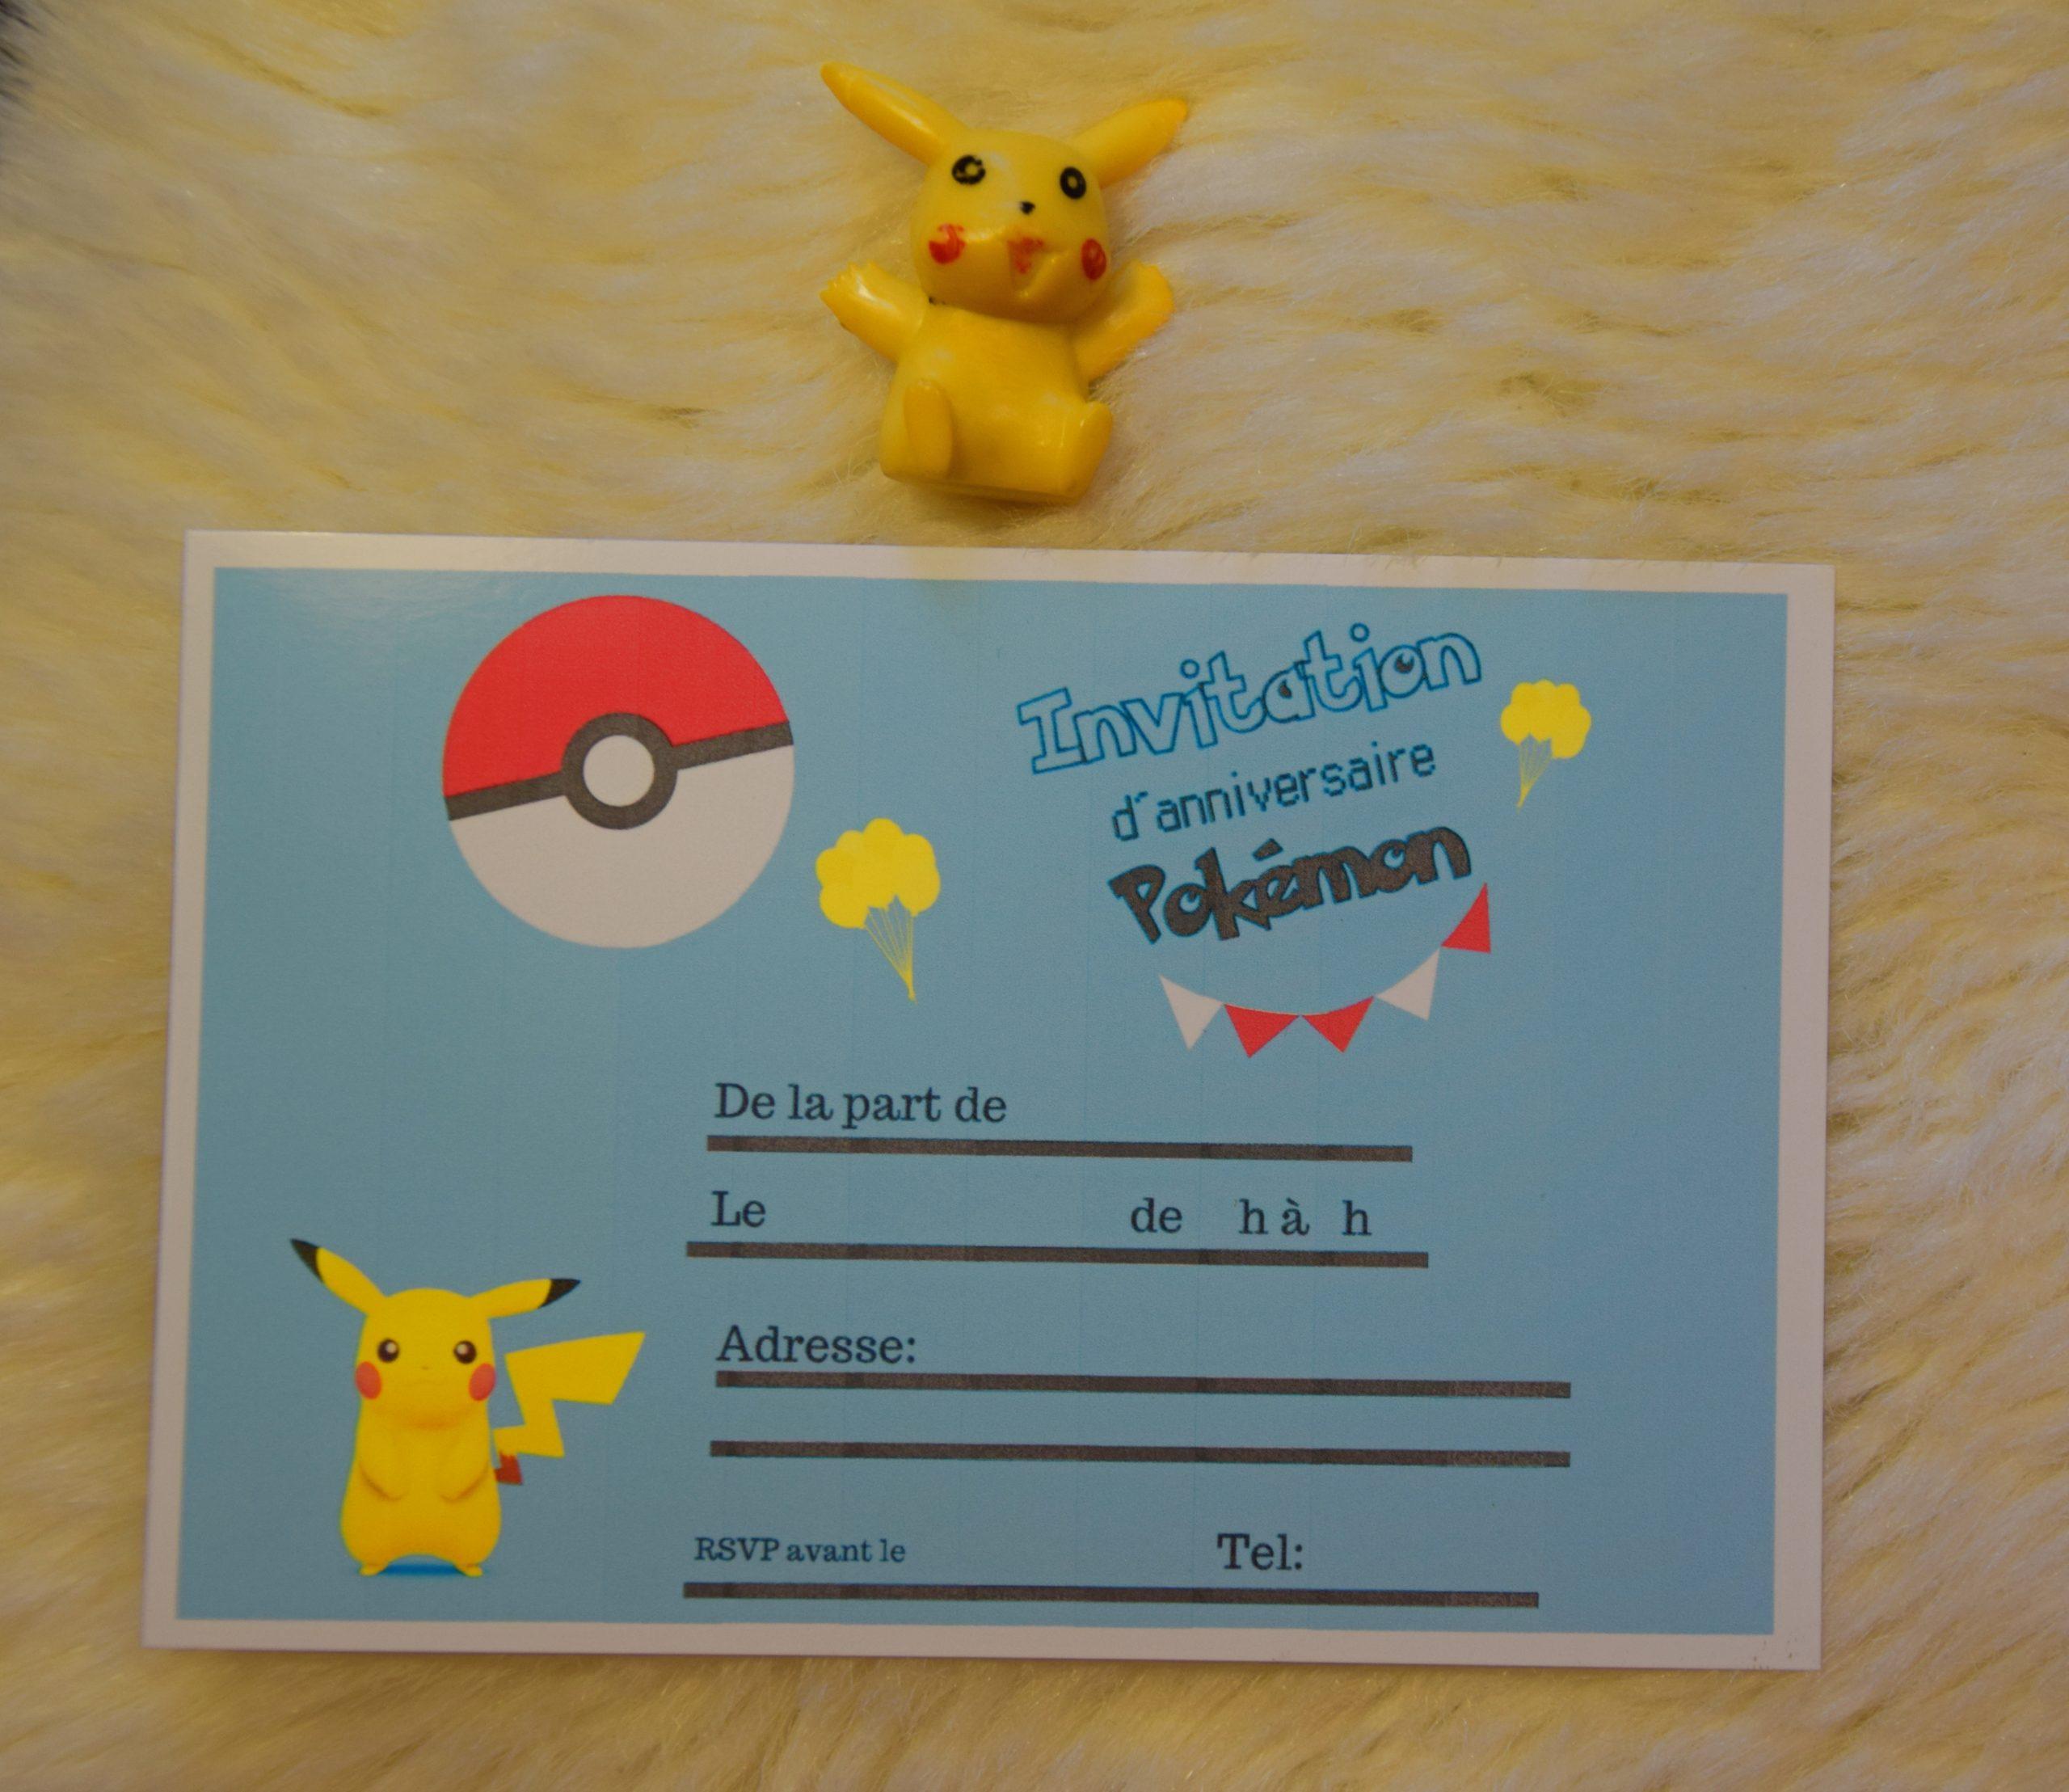 Anniversaire.cartes D'Invitation Pokemon À Imprimer destiné Creer Son Invitation Anniversaire Gratuitement